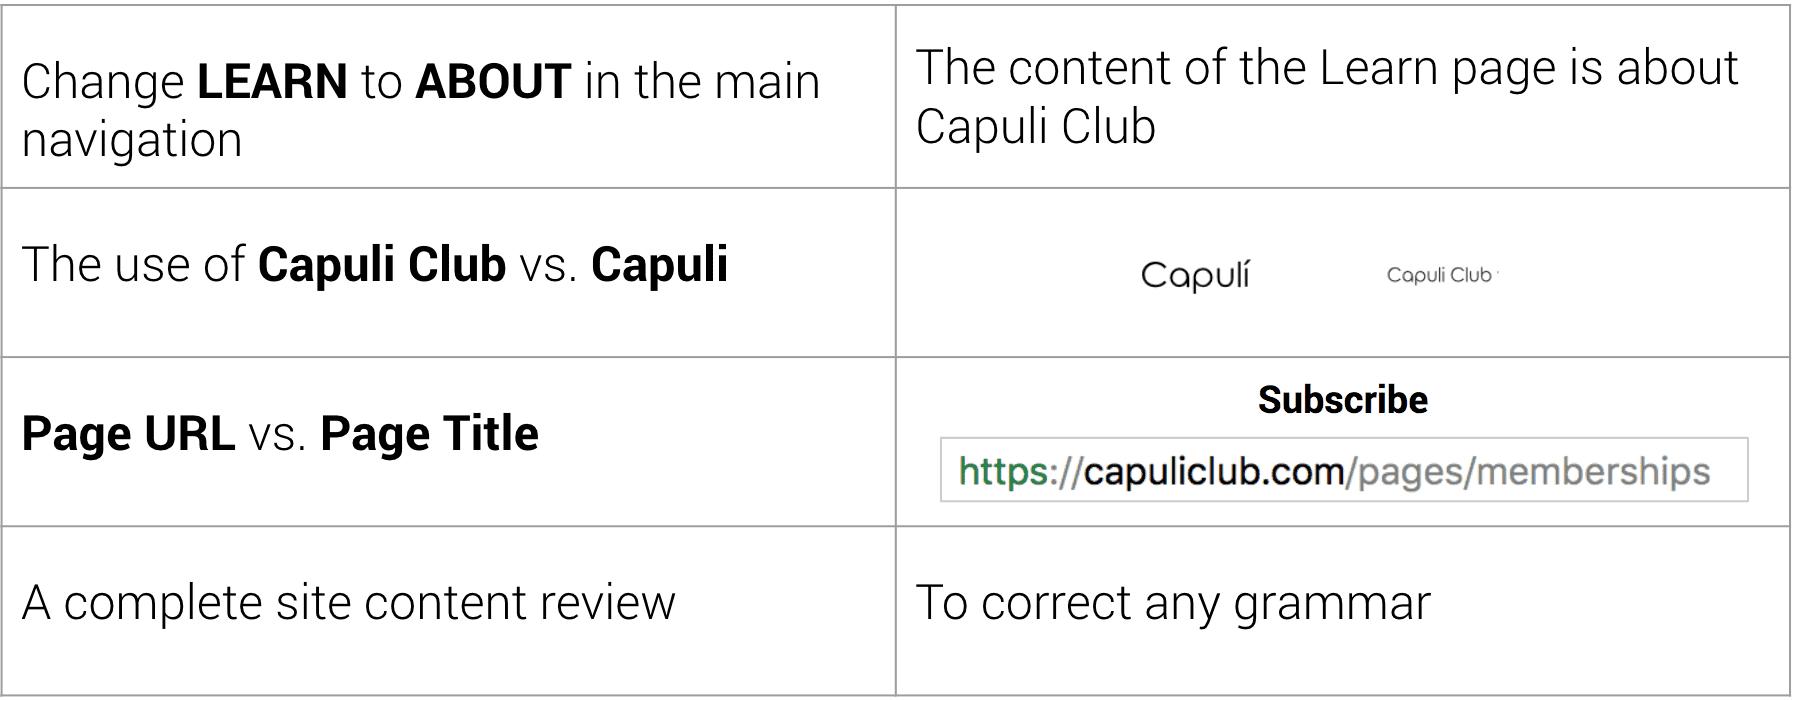 Capuli Club - Content